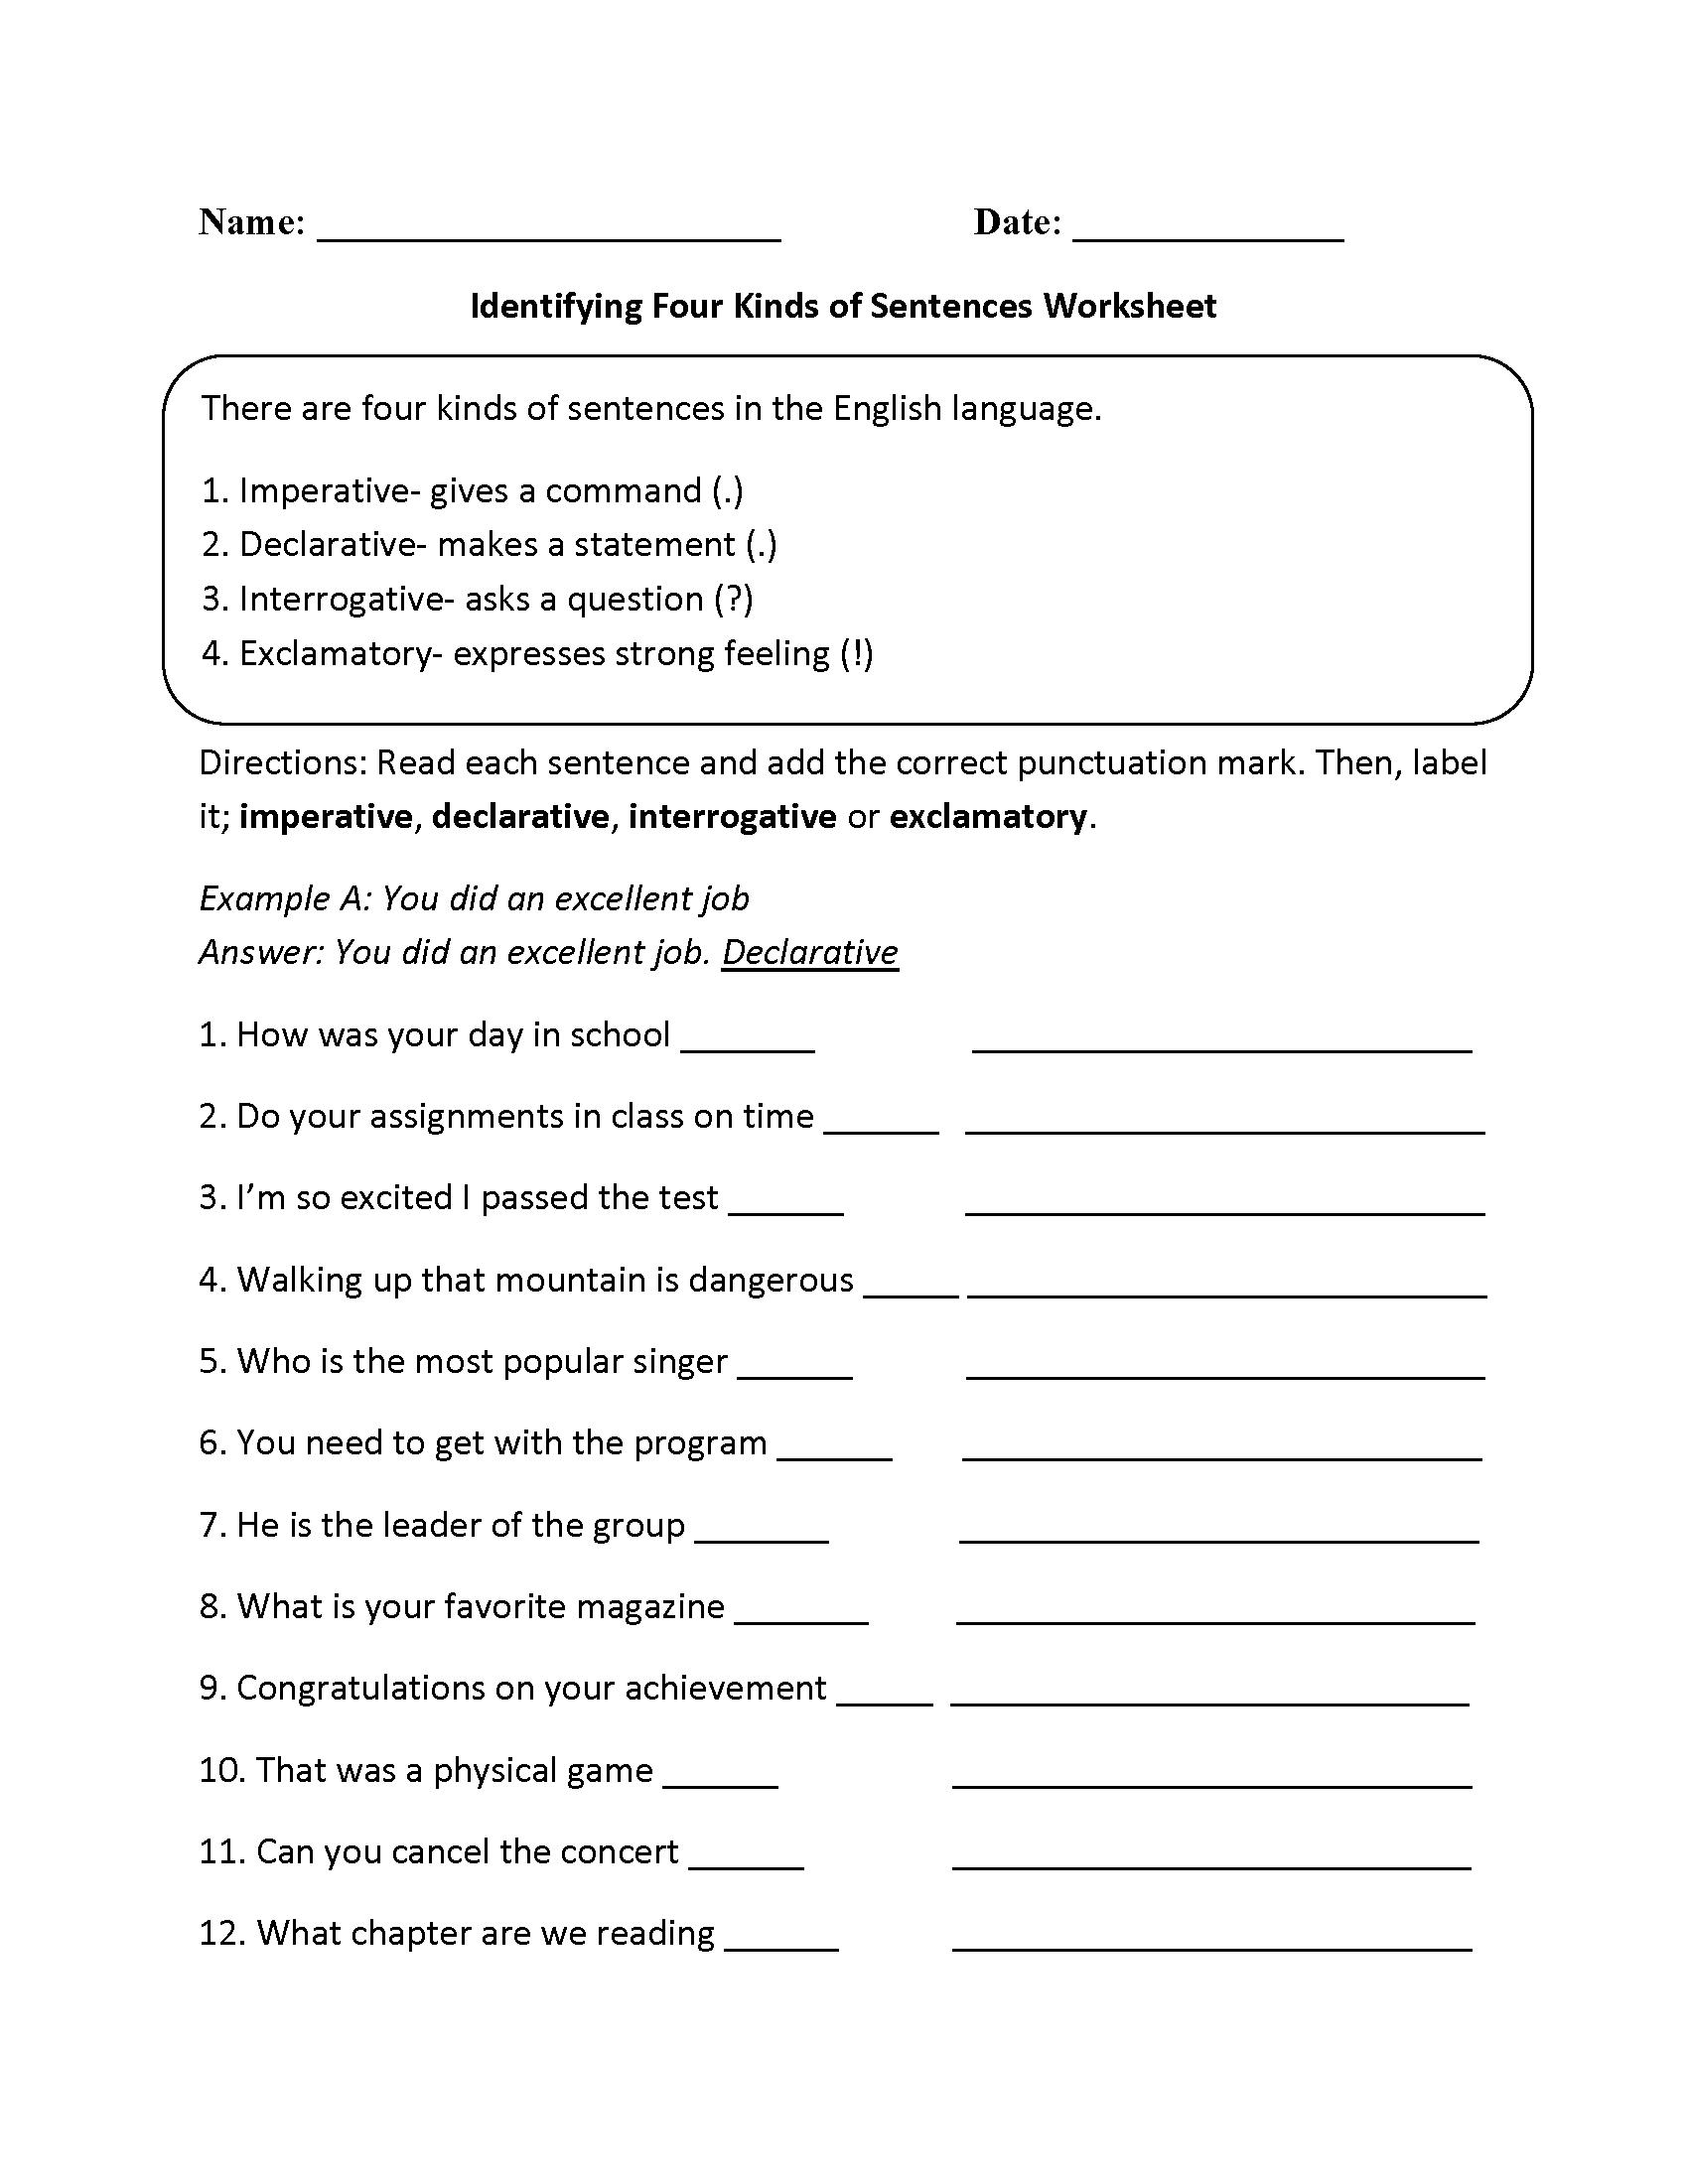 Kinds Of Sentences Worksheets  Practicing Four Kinds Of Sentences Together With Kinds Of Sentences Worksheet